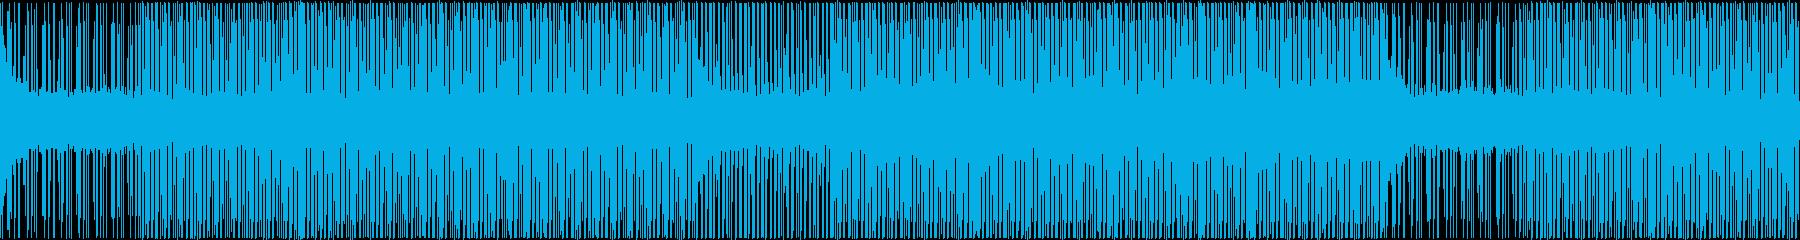 思考中BGMの再生済みの波形